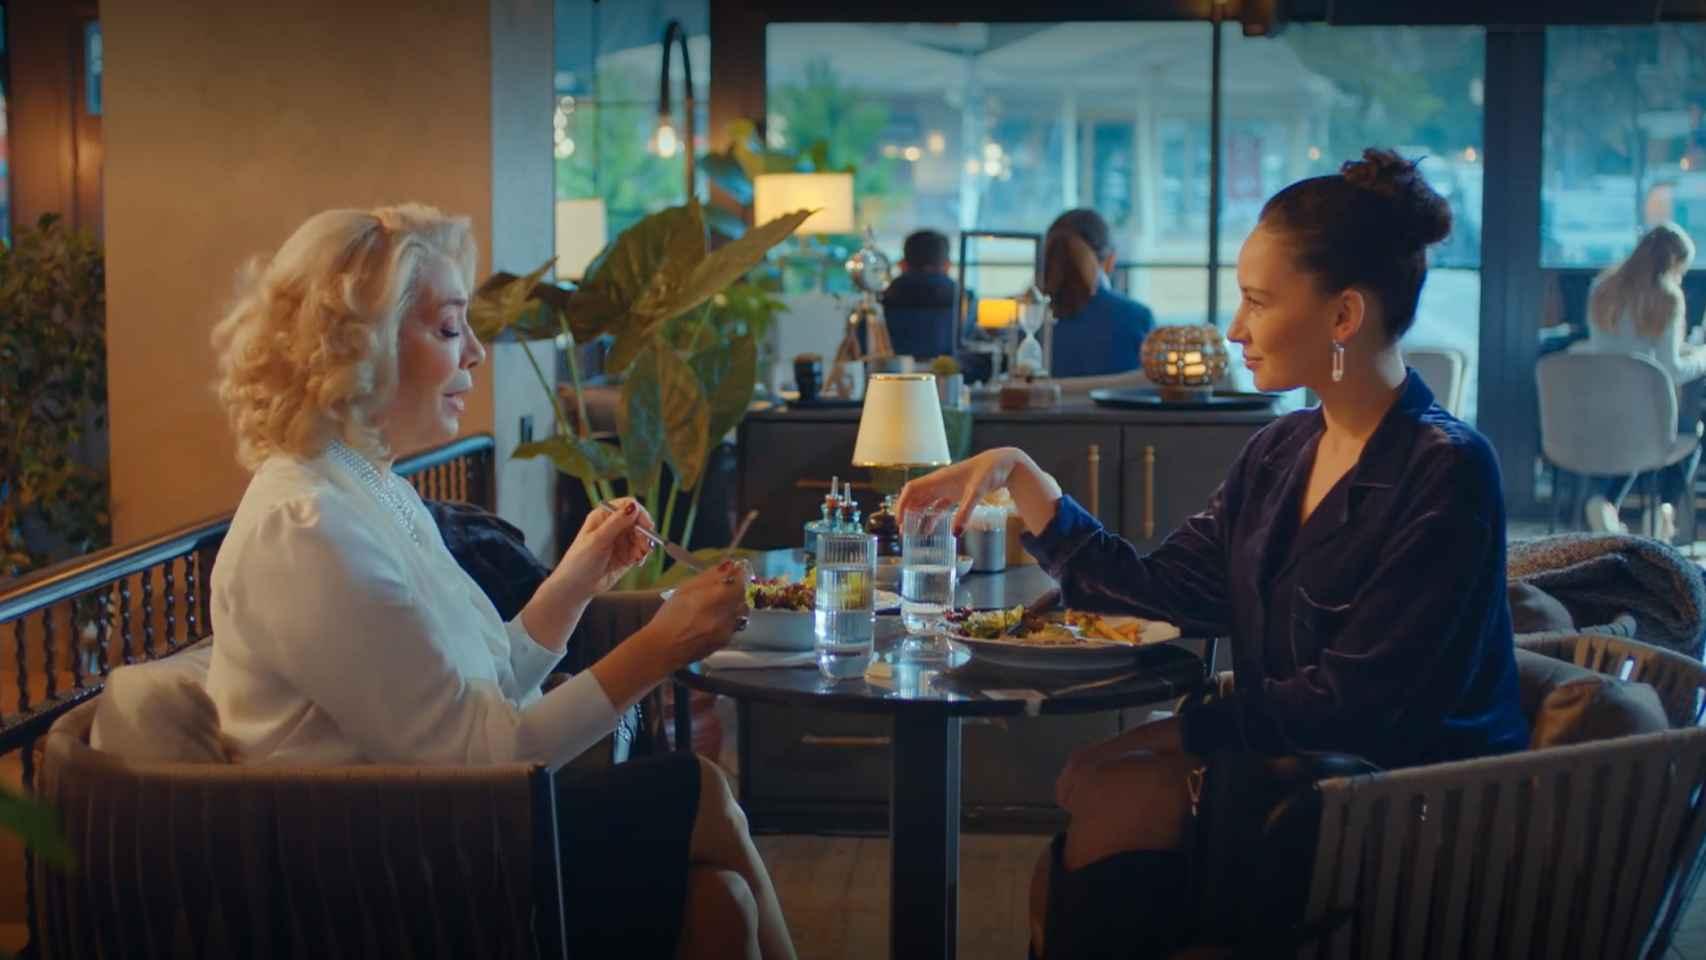 'Love is in the air': ¿A que hora se emite hoy en Telecinco? ¿Cuántos capítulos emiten?